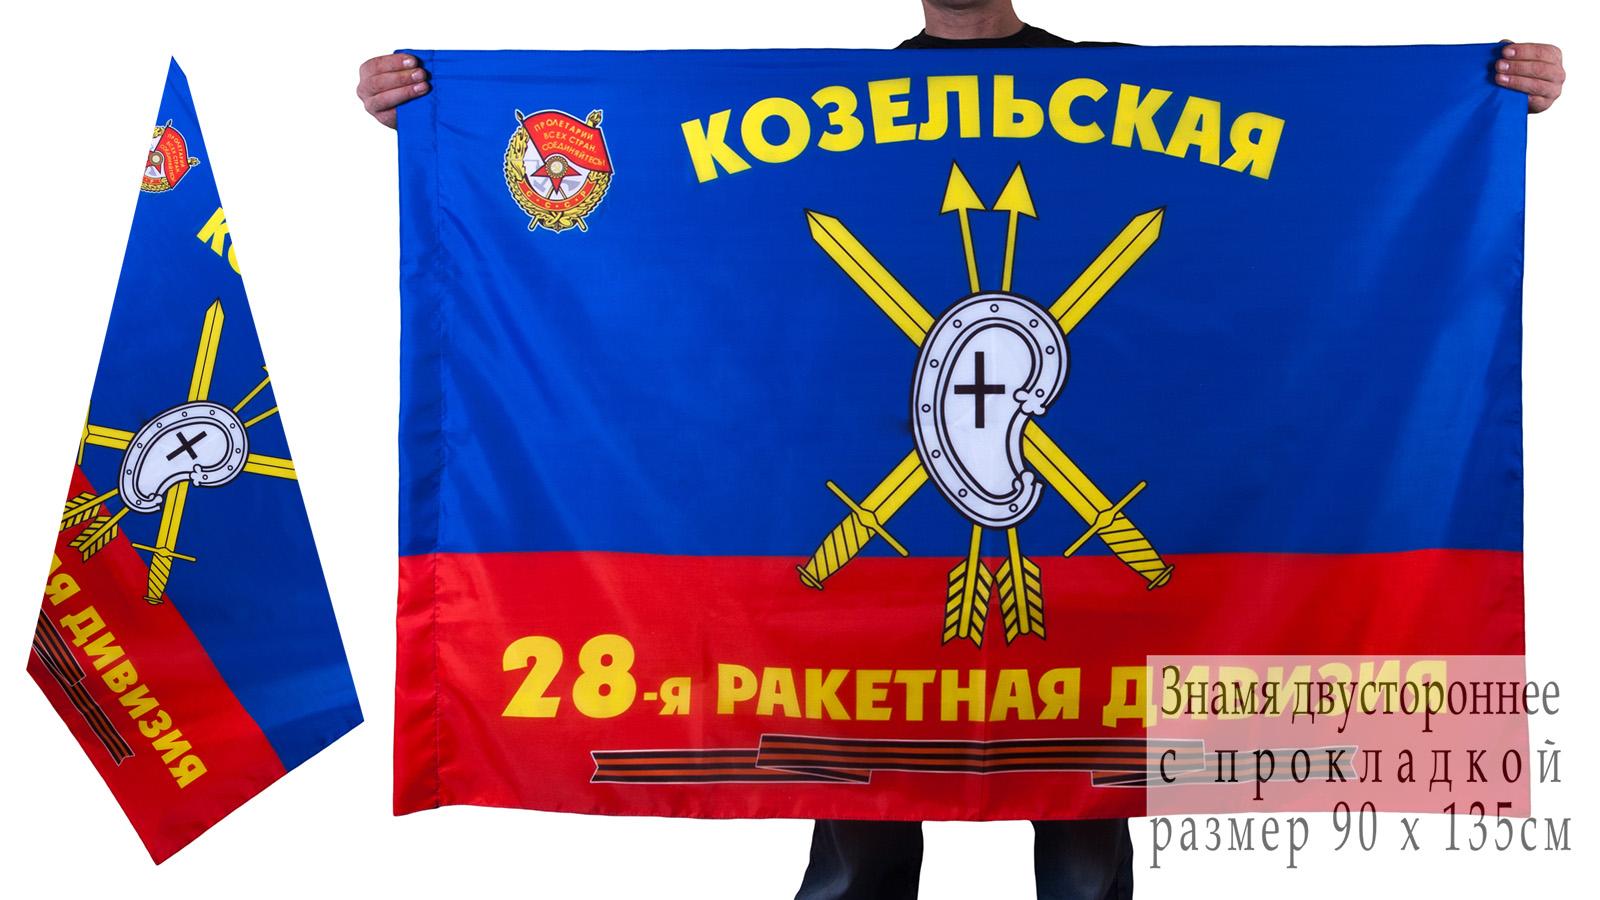 Знамя 28-ой ракетной дивизии РВСН